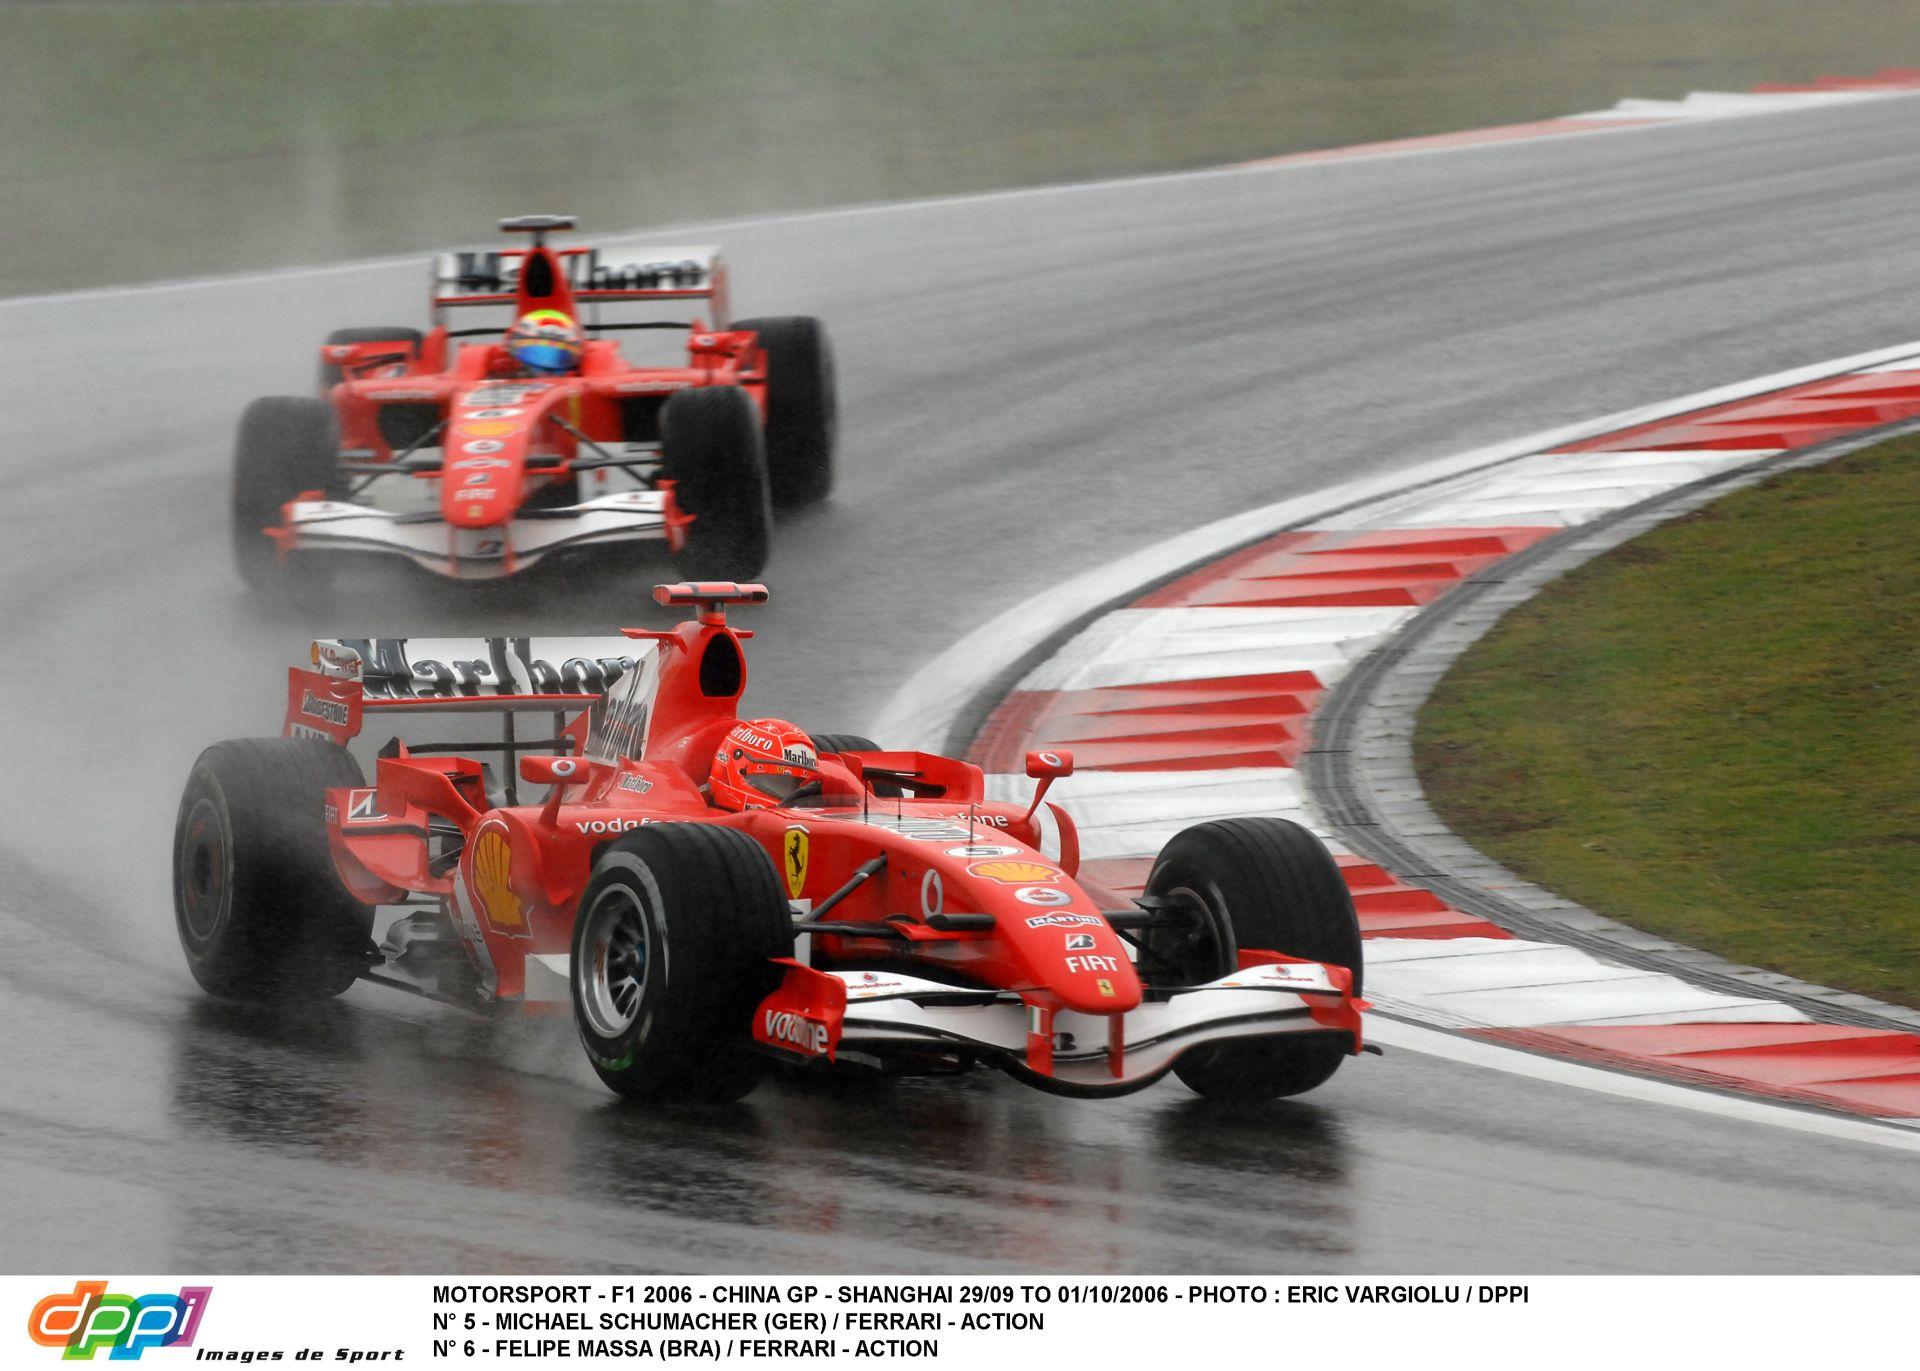 Élő F1-es műsor, MOST: Visszatérhetnek a V8-as motorok, három autóval a Ferrari és a Red Bull, Lotus F1-es nyereményjáték (LIVE)